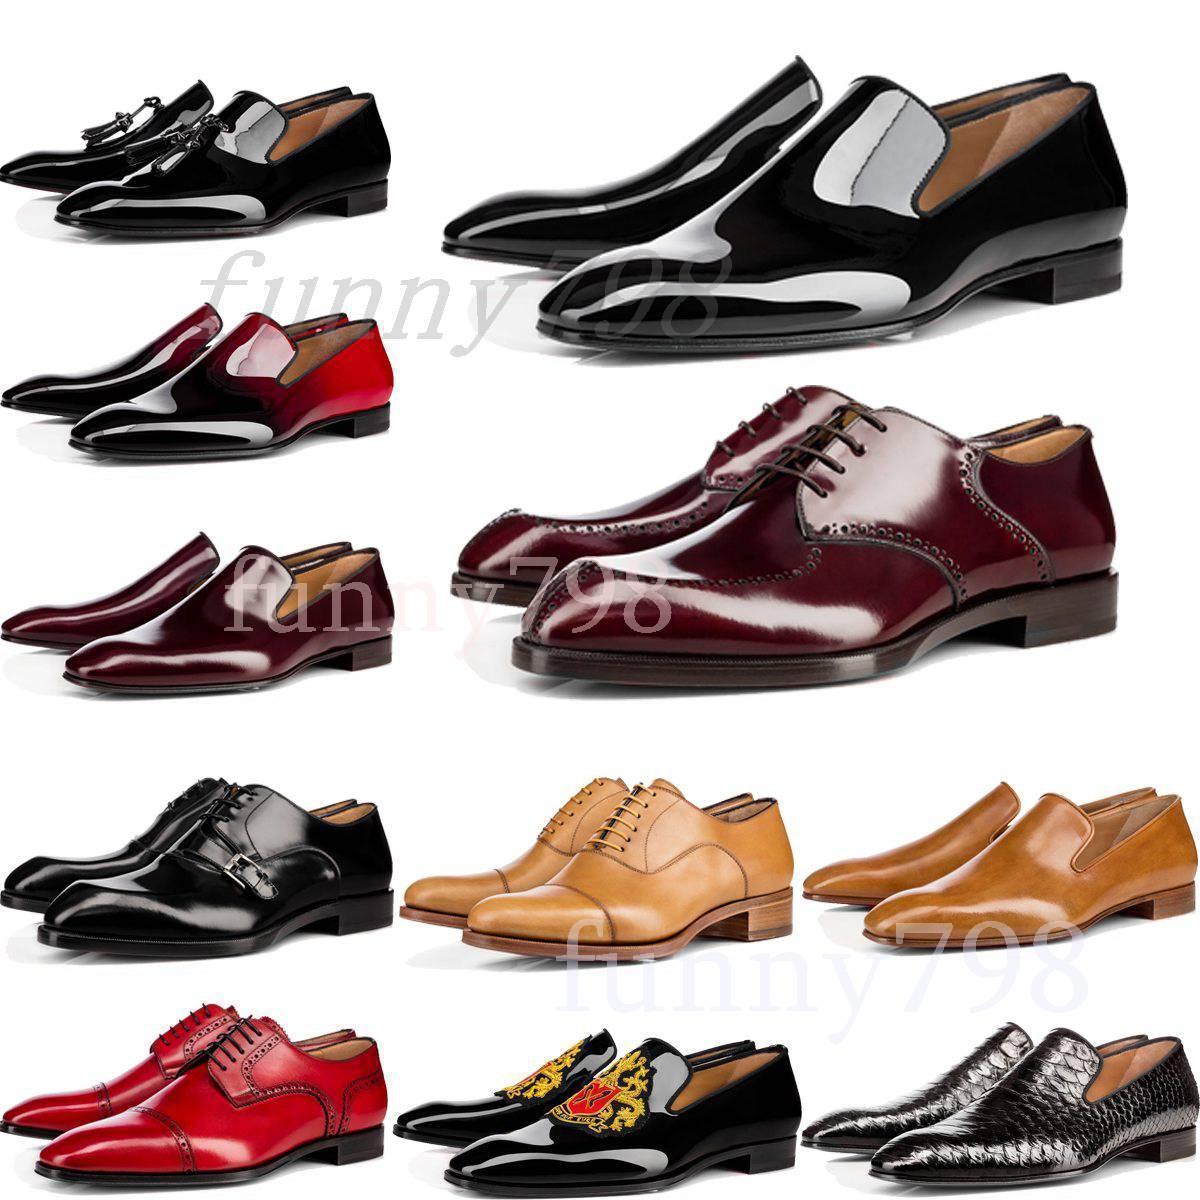 [Avec boîte] 2019 rouge Bas marque de design de luxe hommes chaussures habillées Chaussures formelles véritable Concepteurs Bas en cuir rouge Shoes5cae #